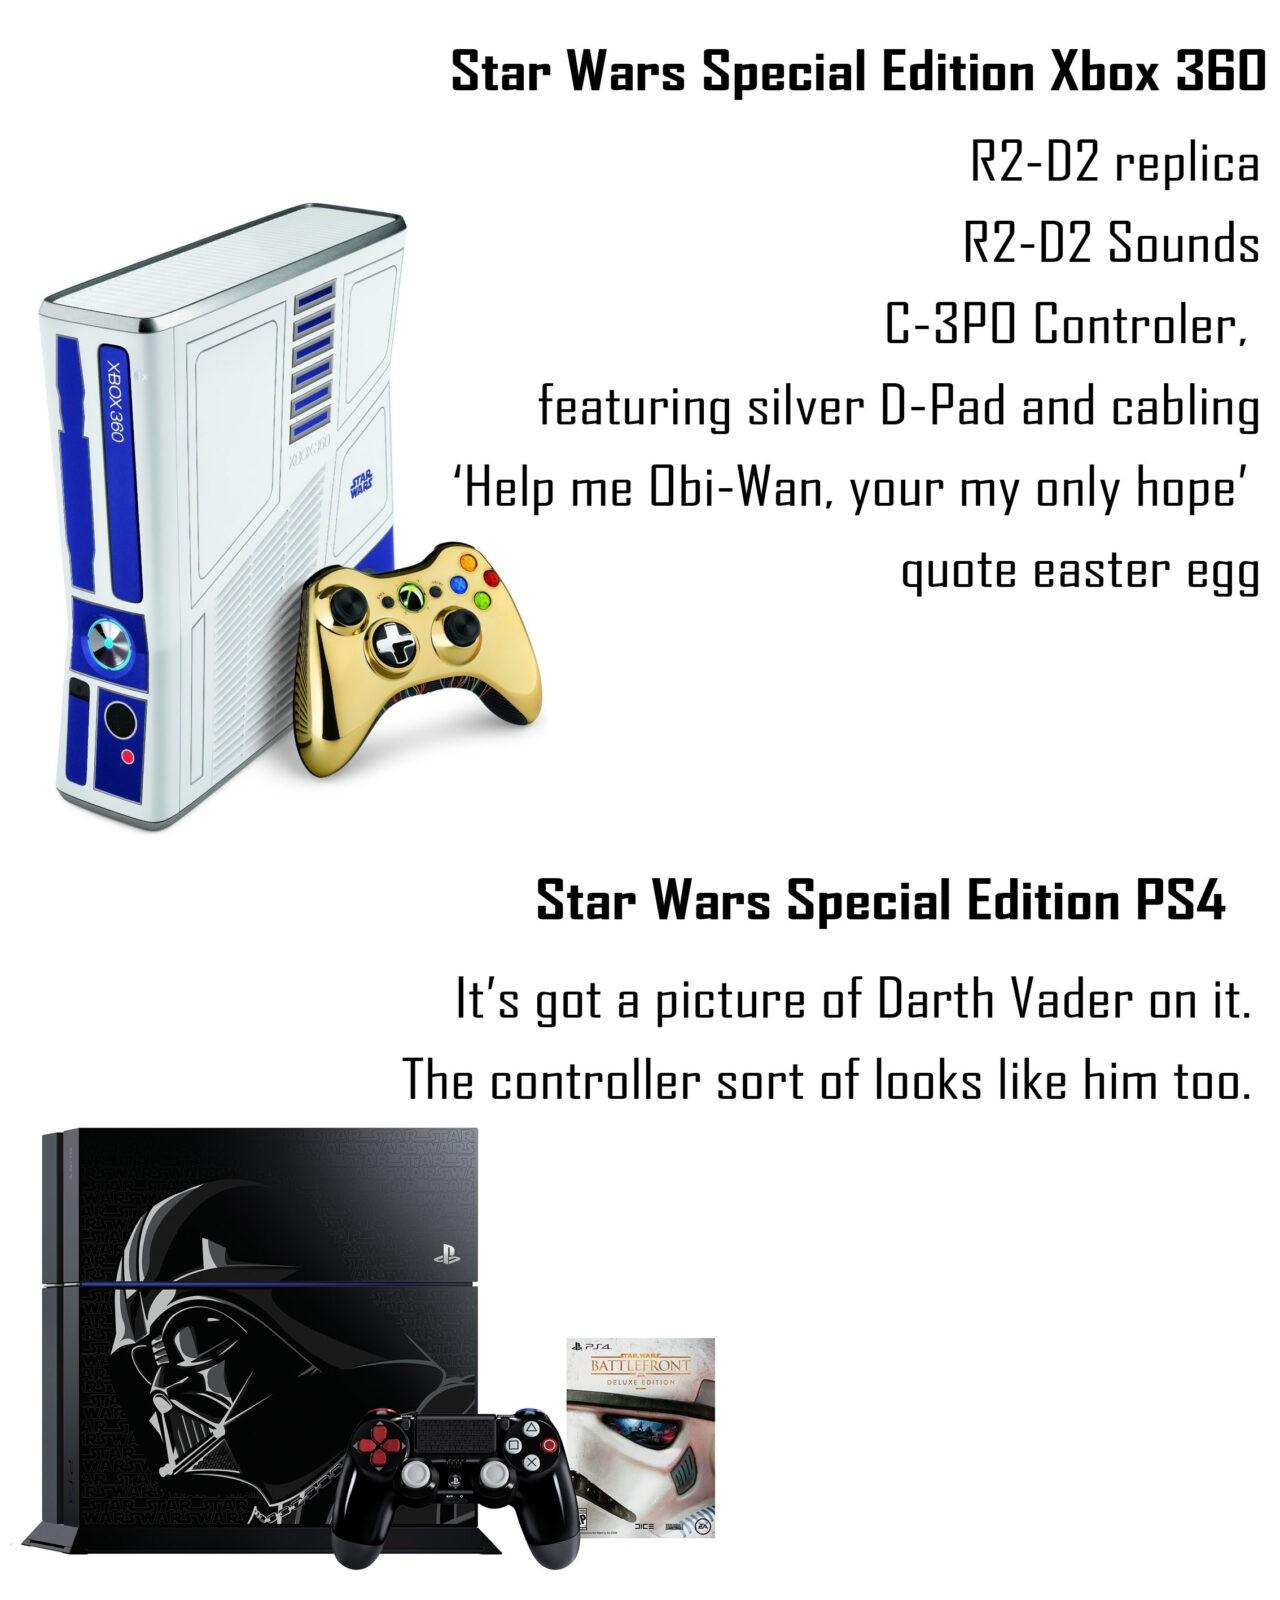 XBOX 360 VS PS4